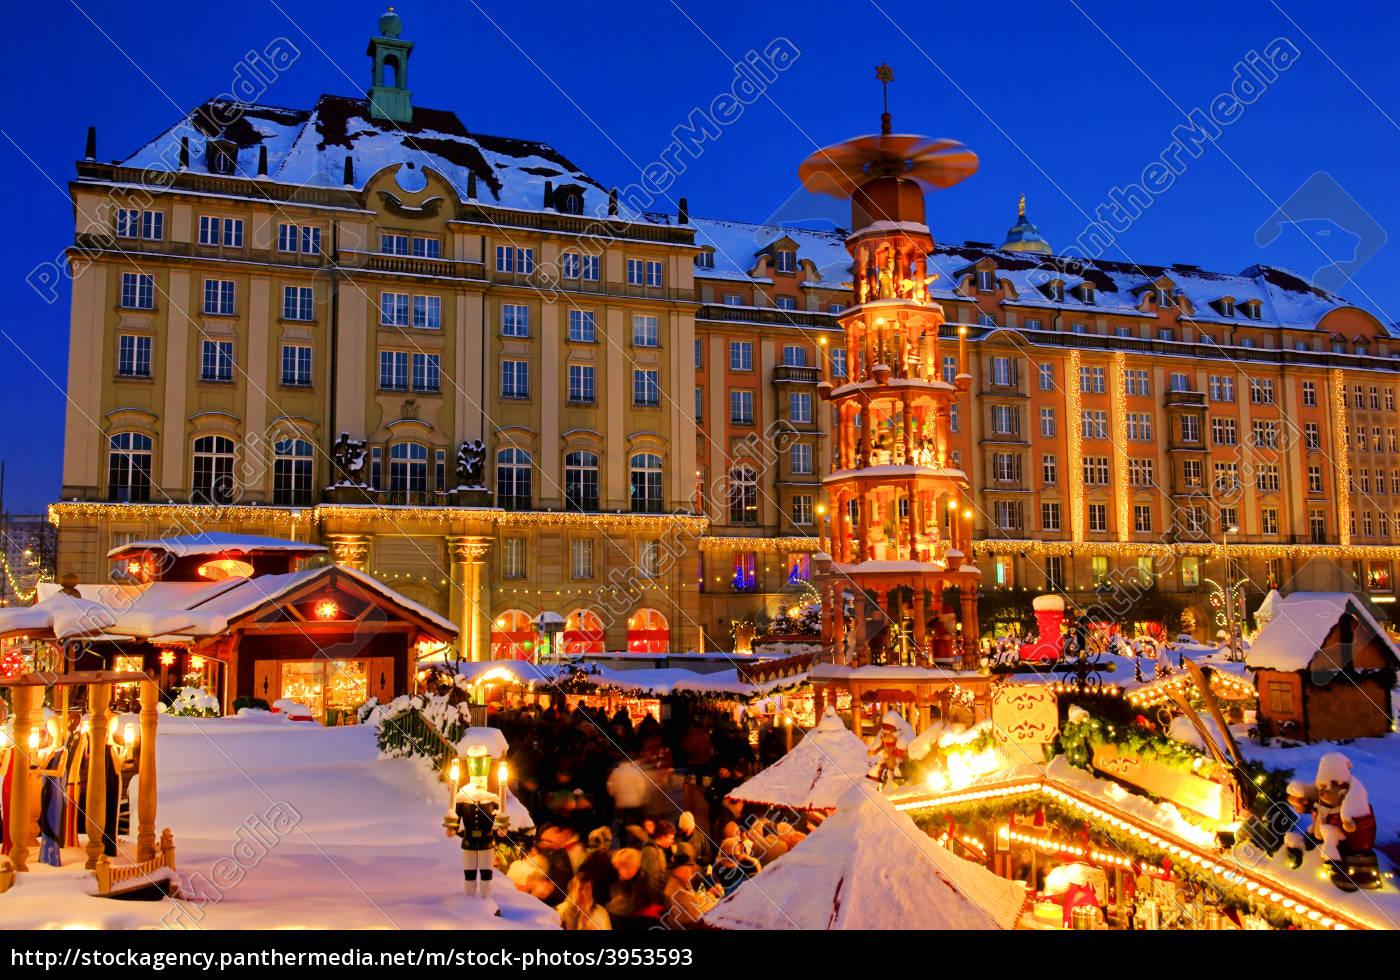 Weihnachtsmarkt In Dresden.Lizenzfreies Bild 3953593 Dresden Weihnachtsmarkt Dresden Christmas Market 15